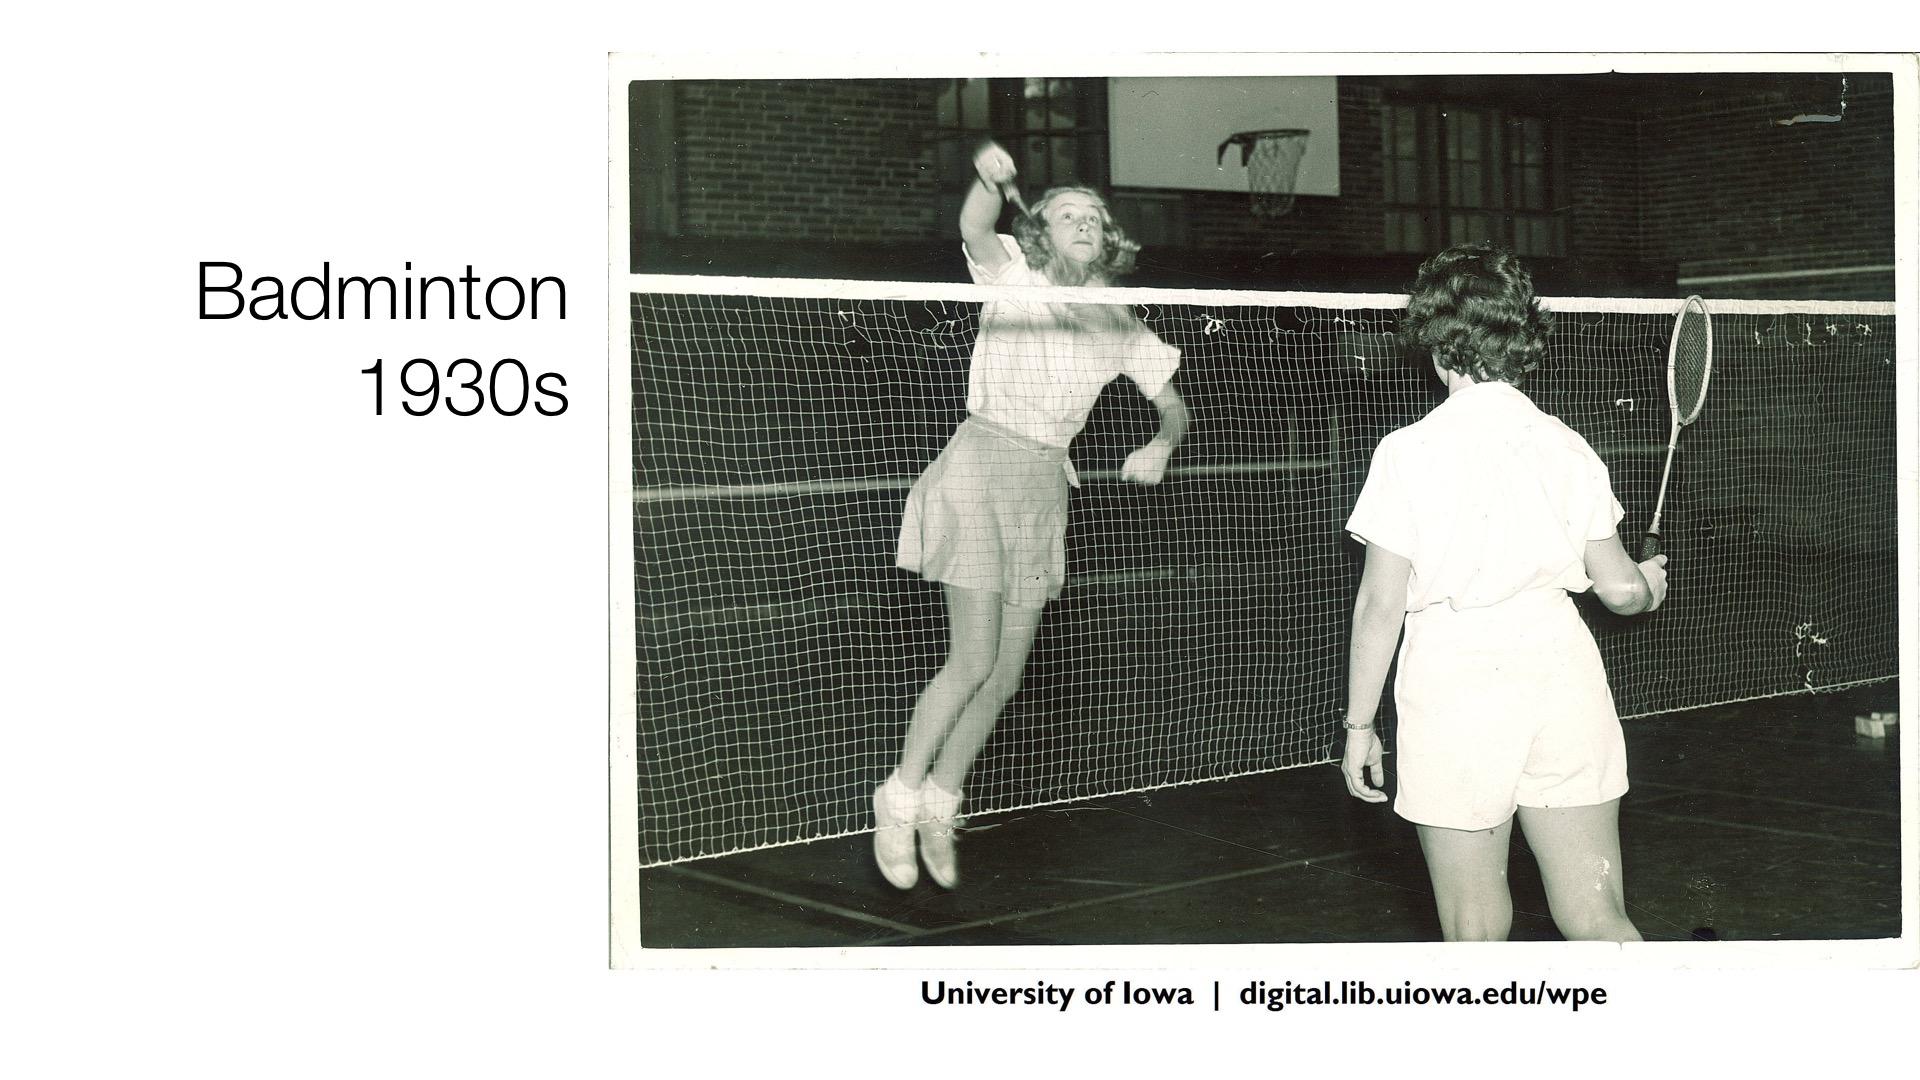 badminton, 1930s